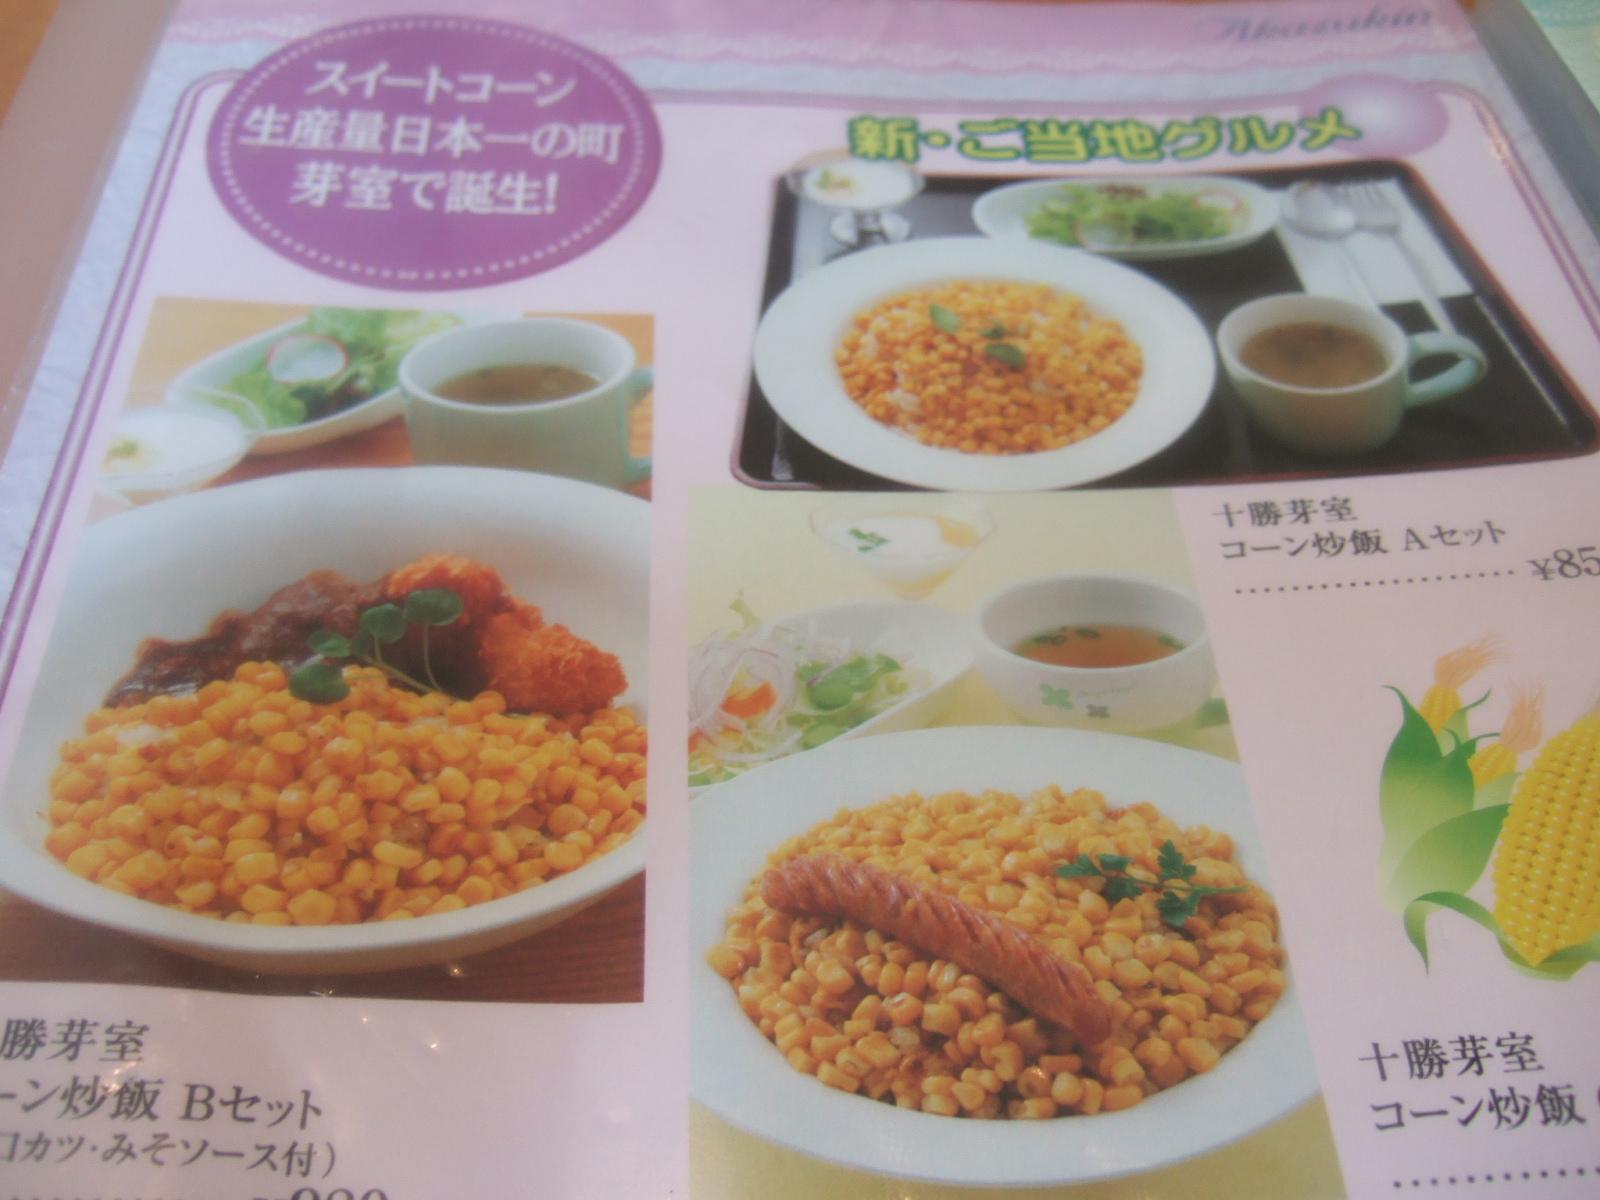 芽室 あかずきんの十勝芽室コーン炒飯